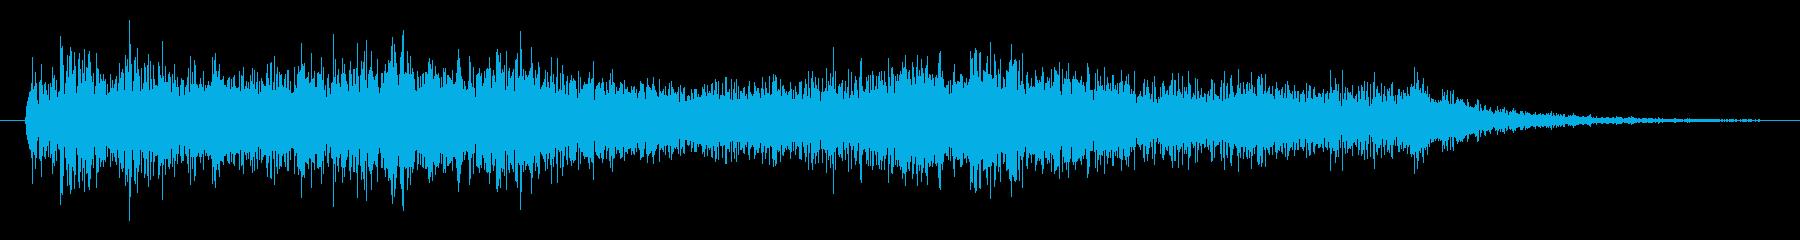 FI スペース 内部生物医学エイリ...の再生済みの波形